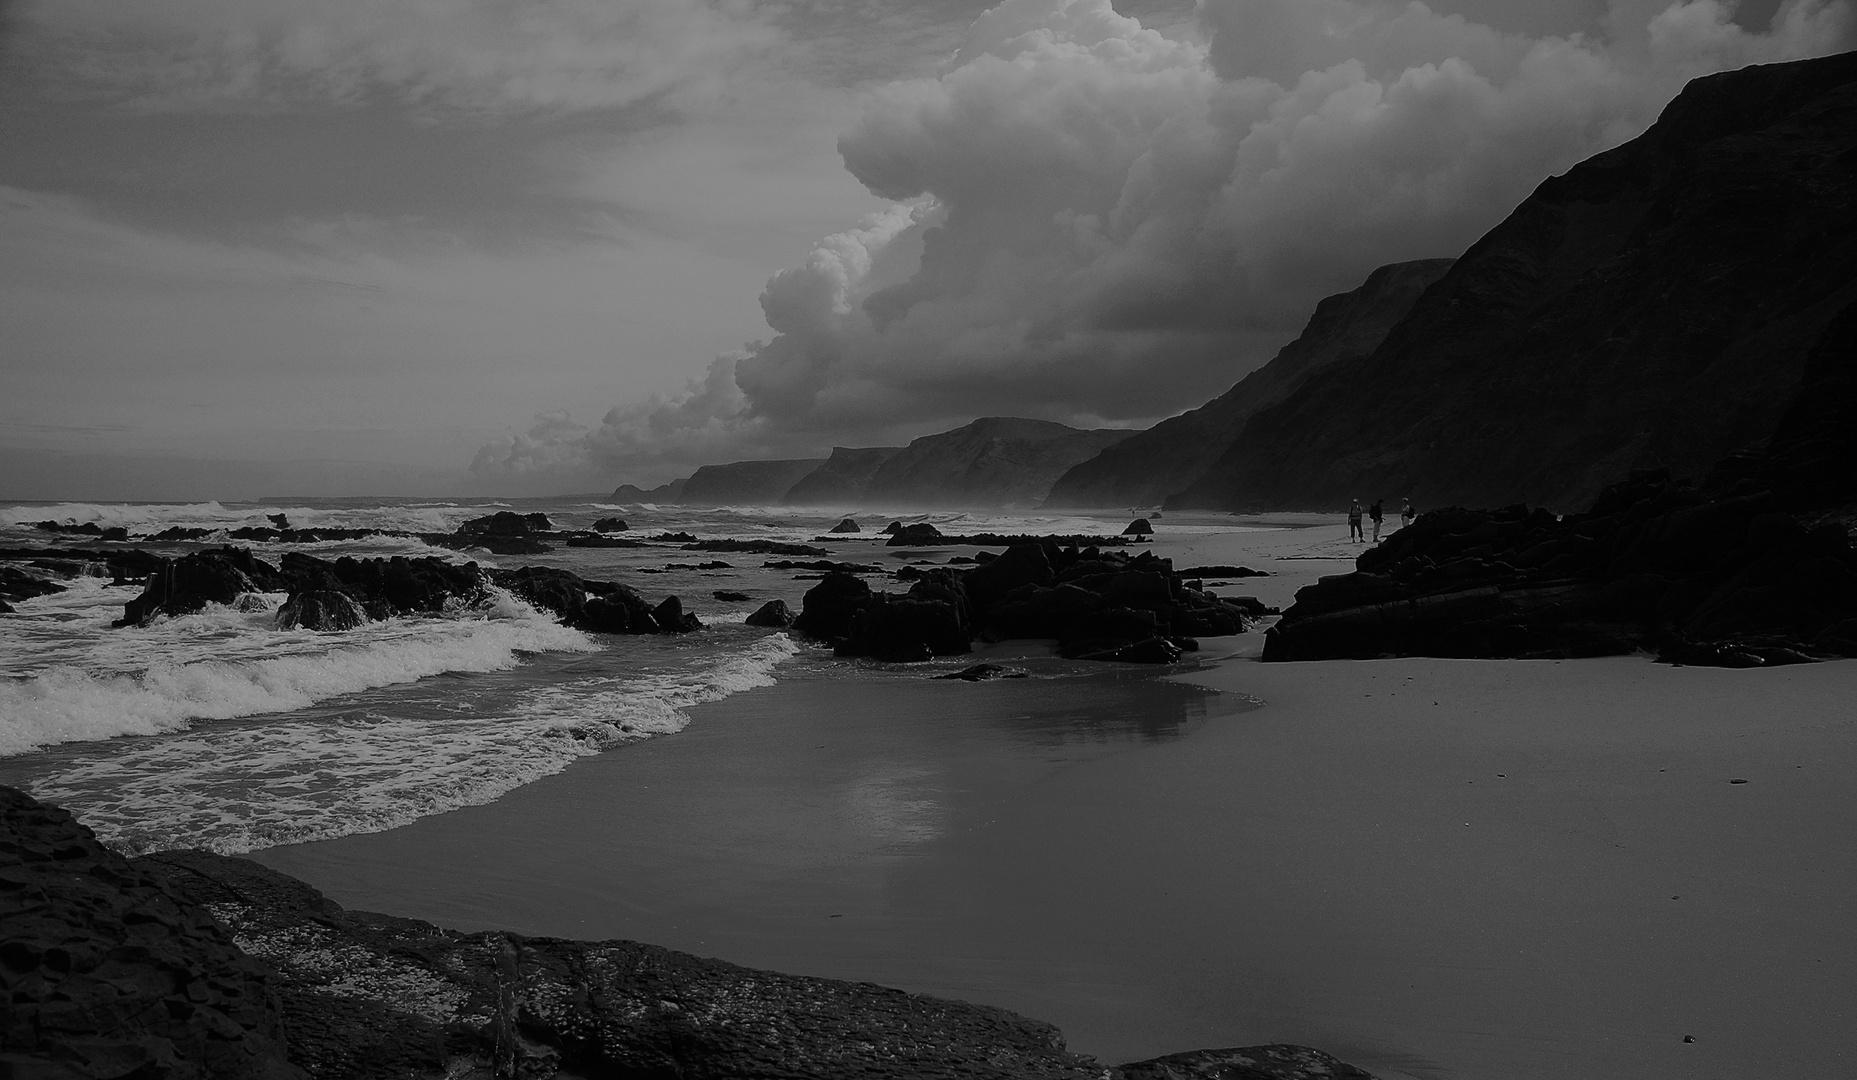 Abends an der Atlantikküste im Südwesten Portugals